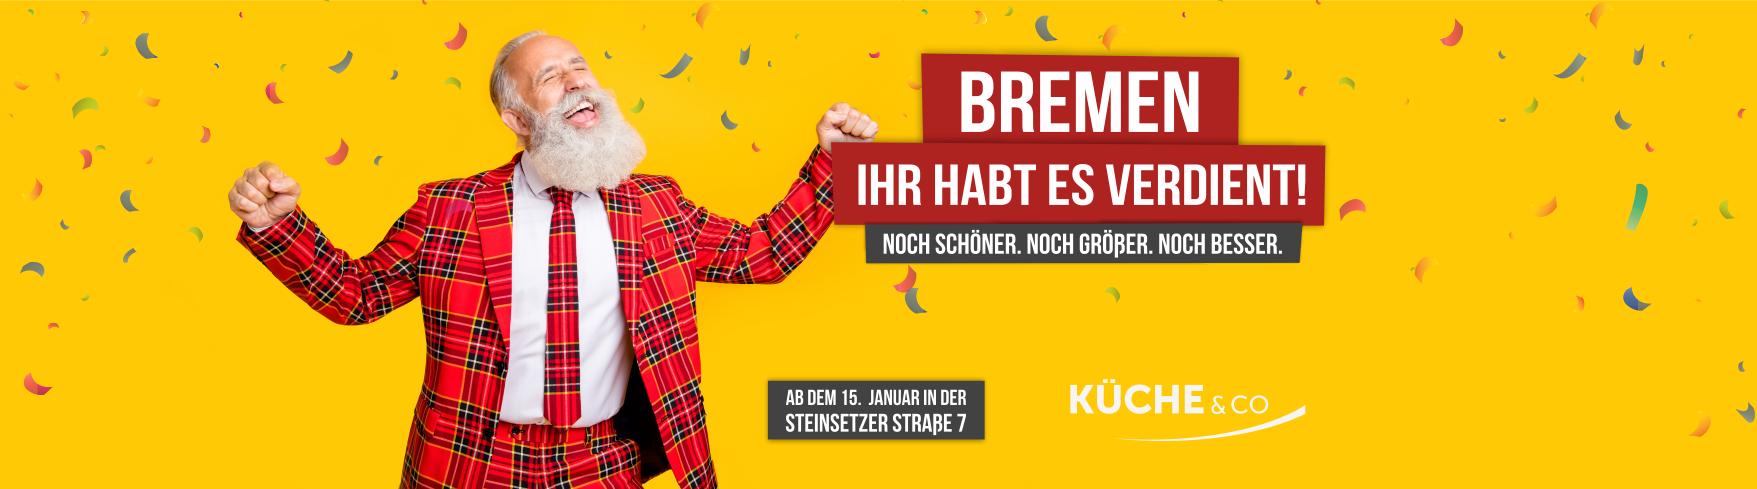 KüCo Anzeige Bremen Website Nov2020